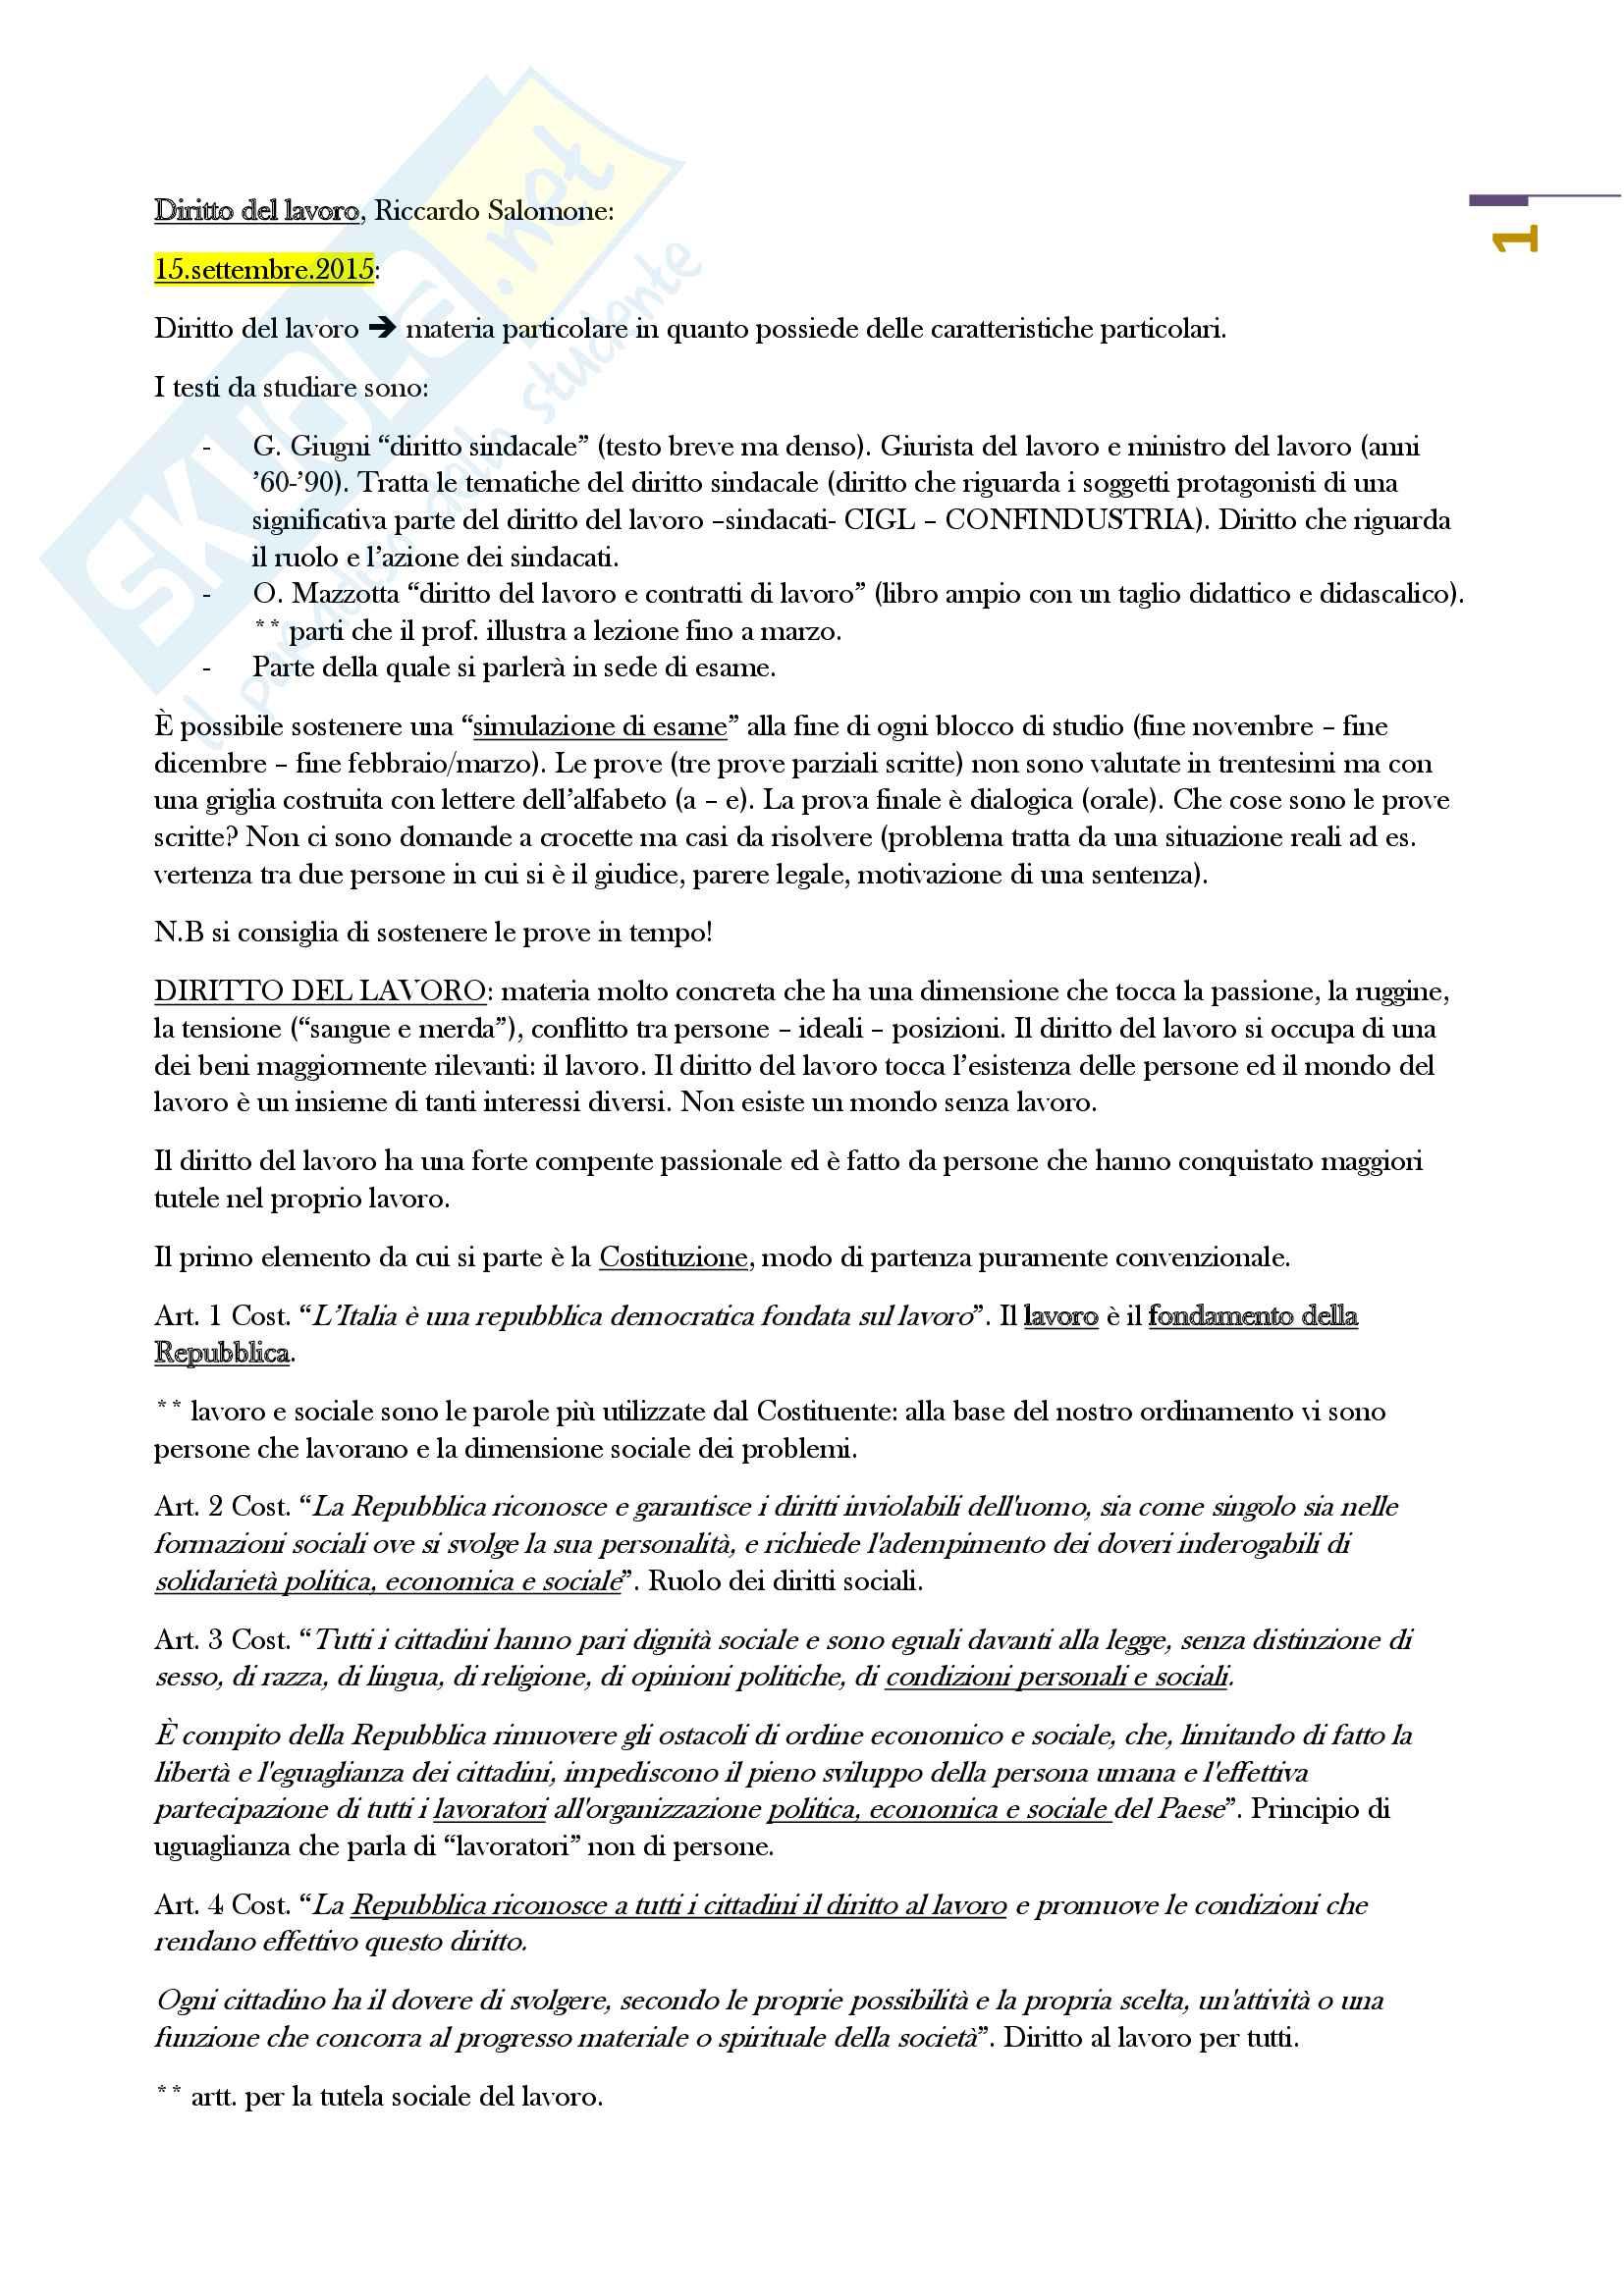 Diritto del lavoro (Prof. Salomone Unitn)